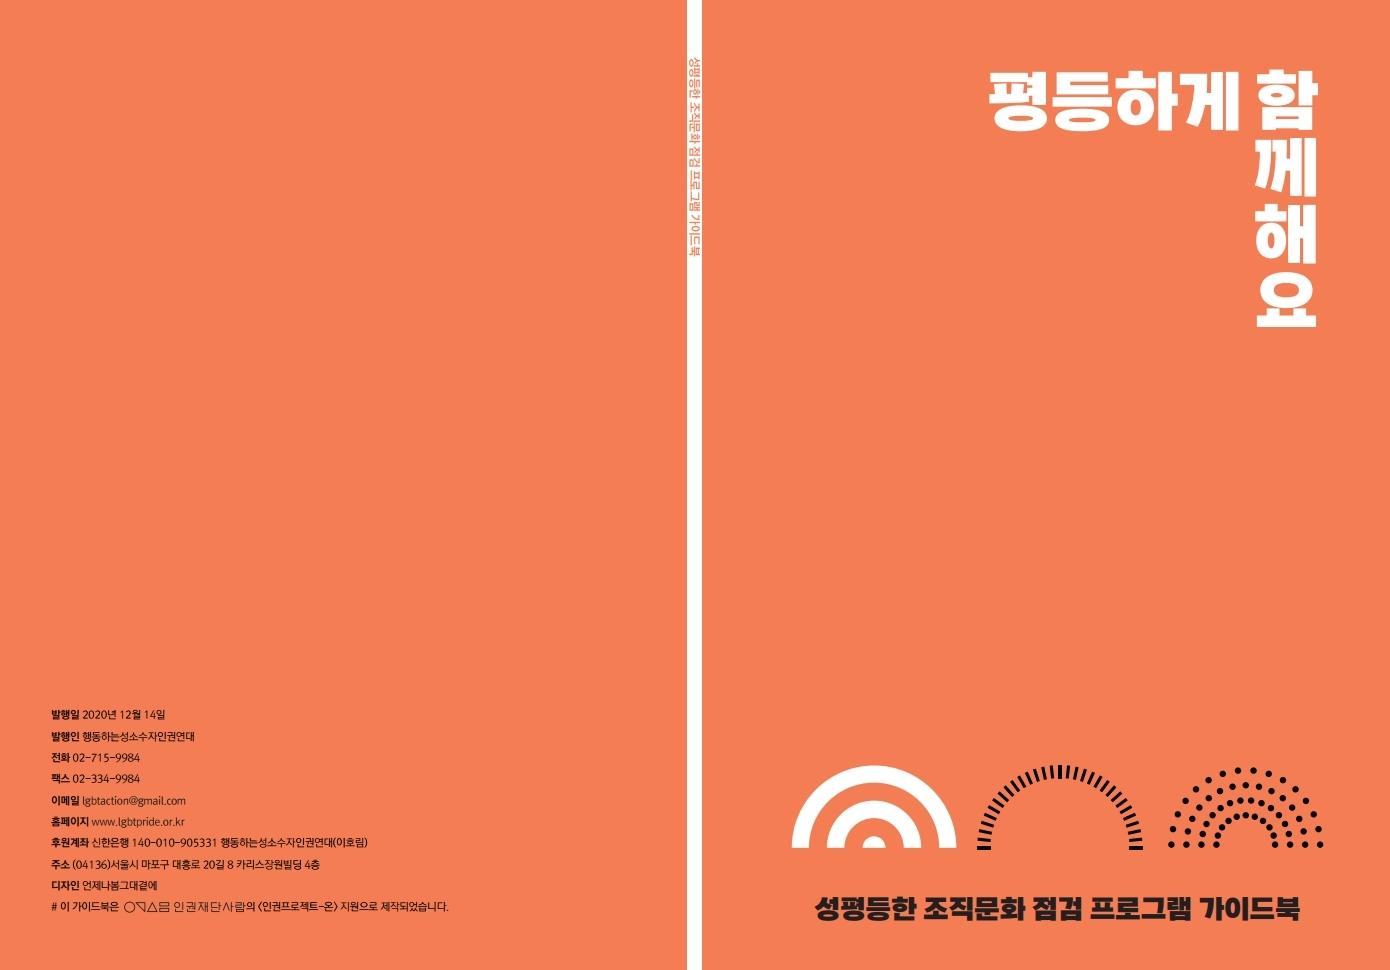 '평등하게 함께해요'라는 제목의 표지 이미지이다.